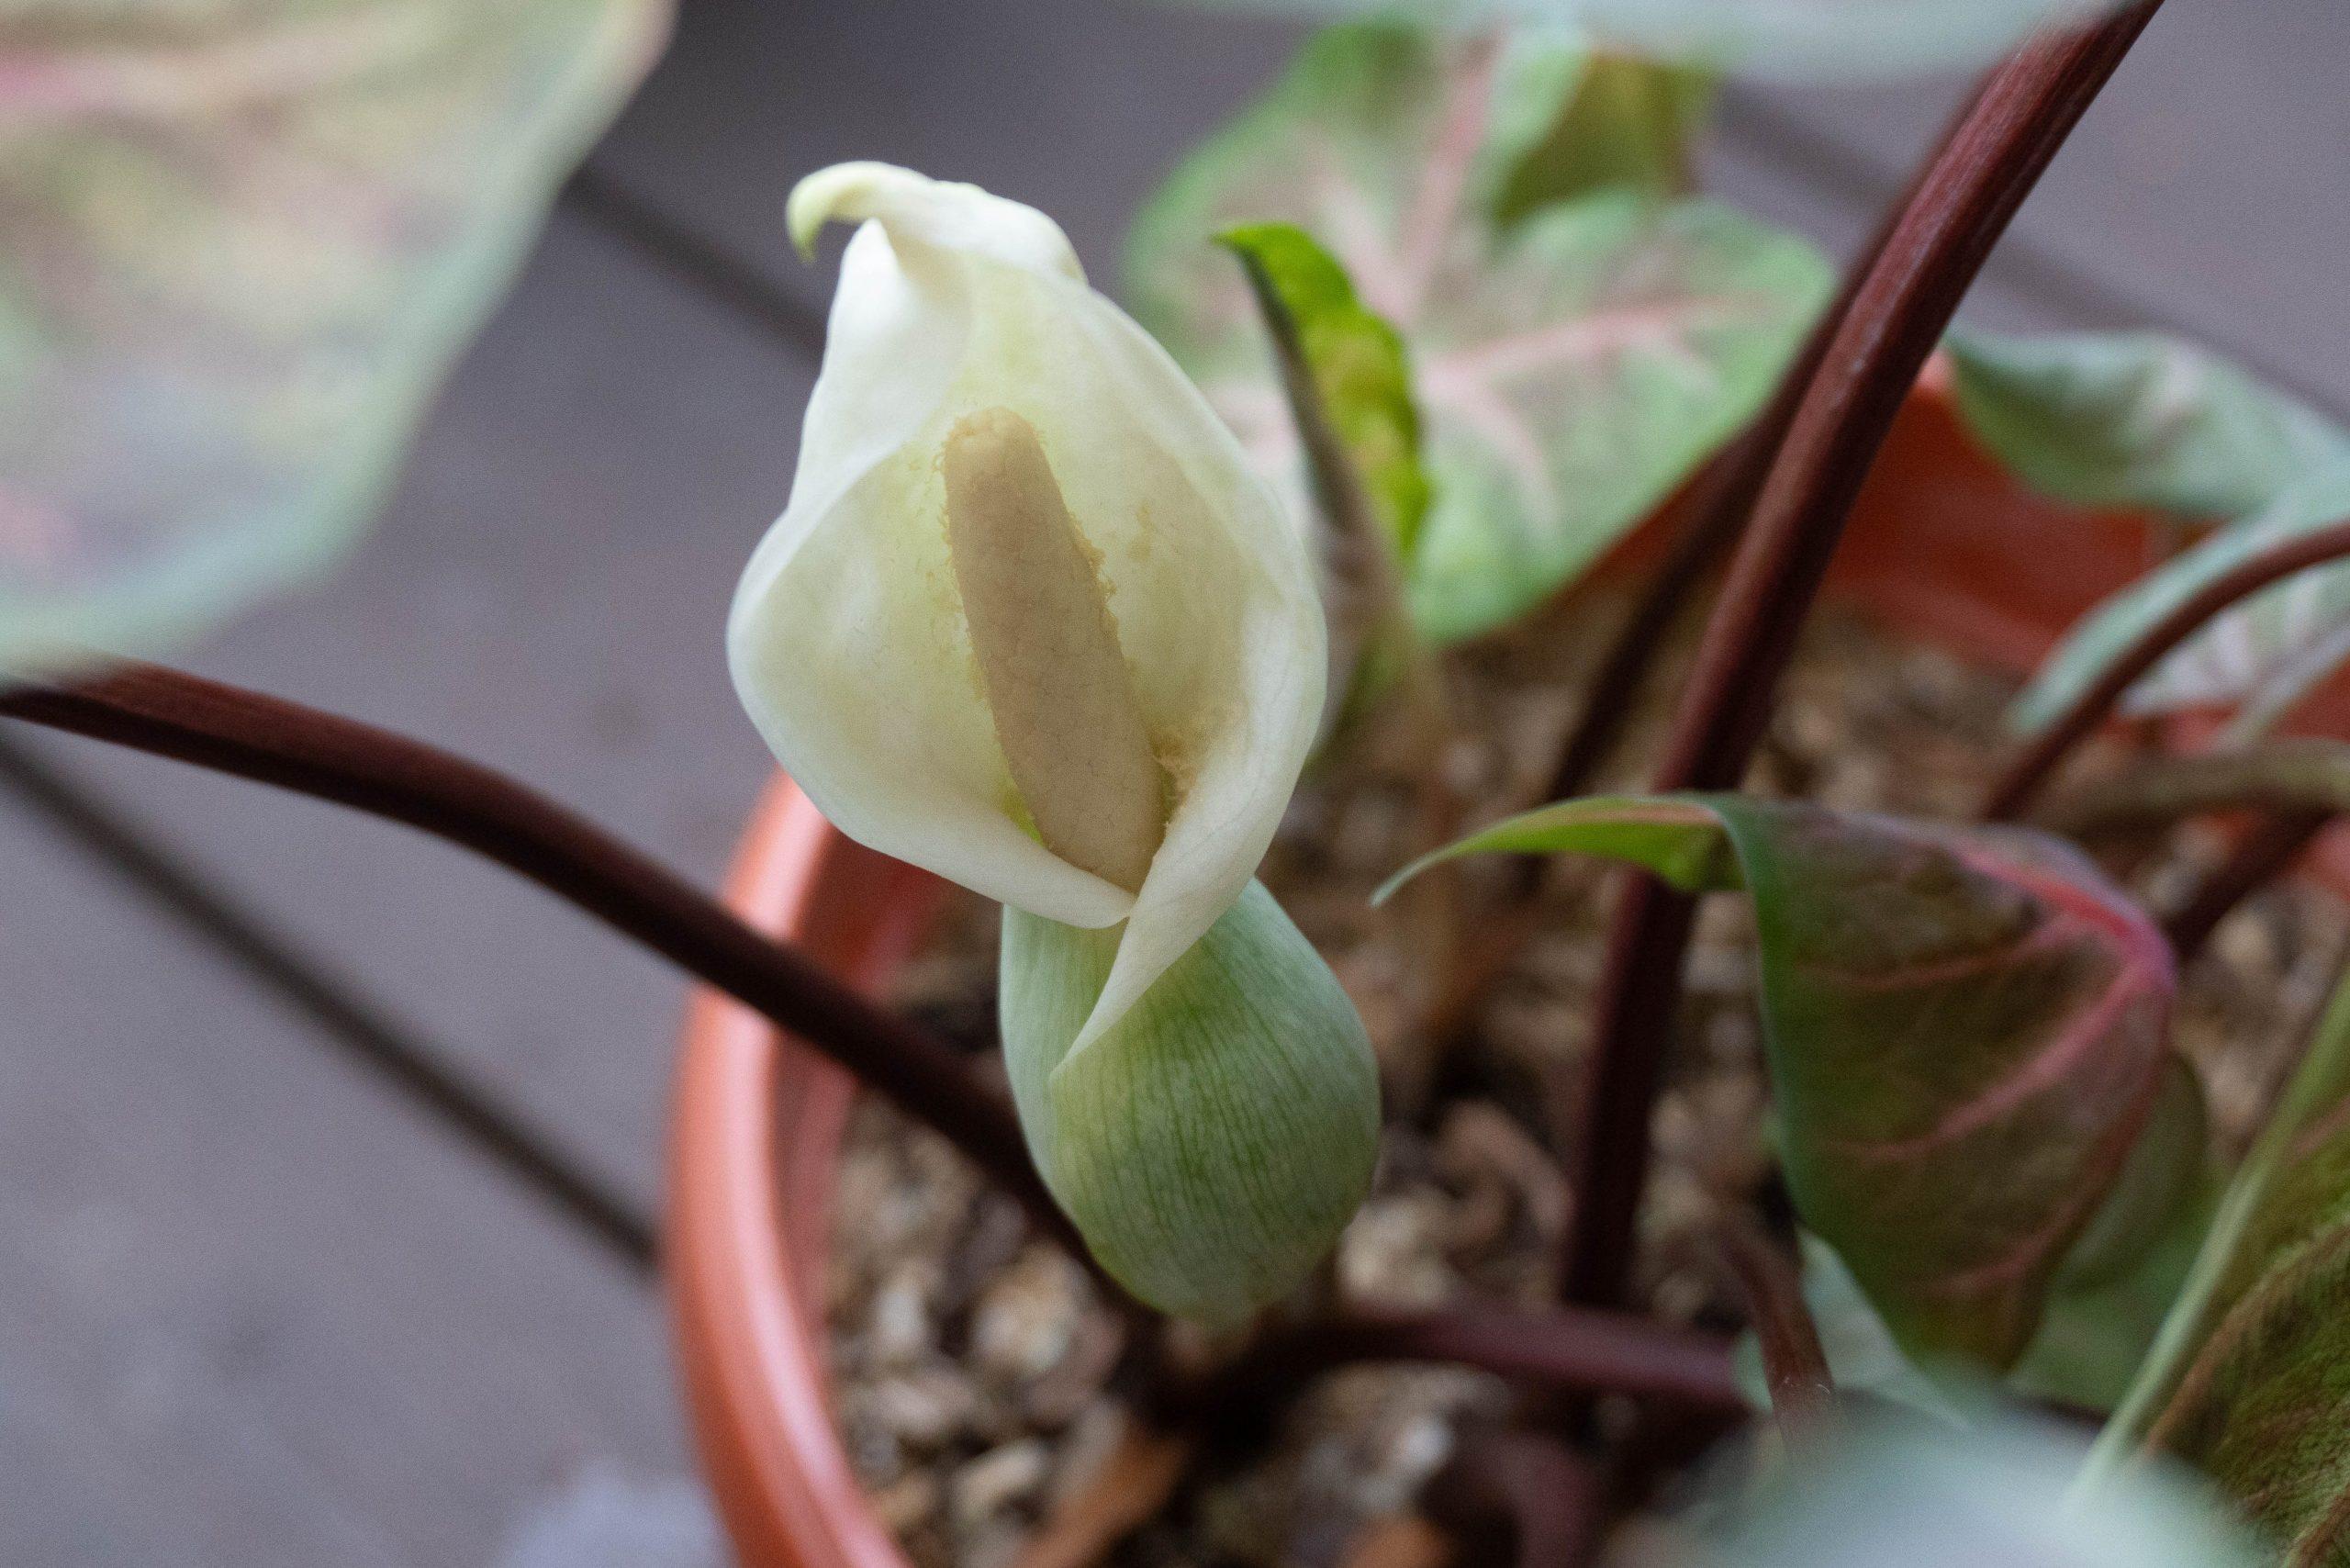 Caladium flower pollen